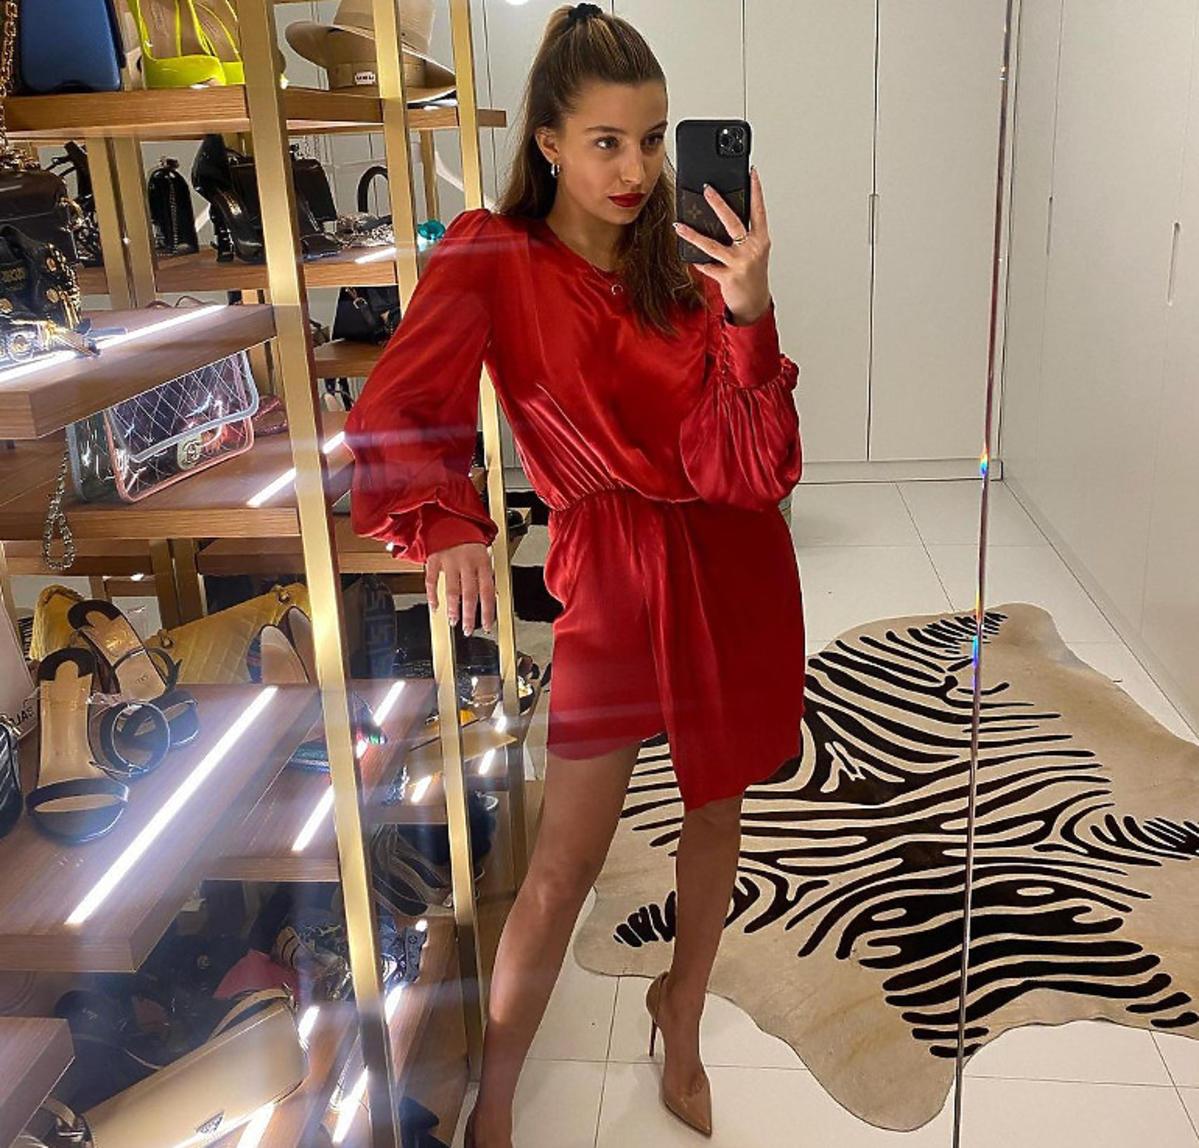 Julia Wieniawa rusza z nową marką? Fani podejrzewają, że będzie sprzedawać największy hit Instagarama